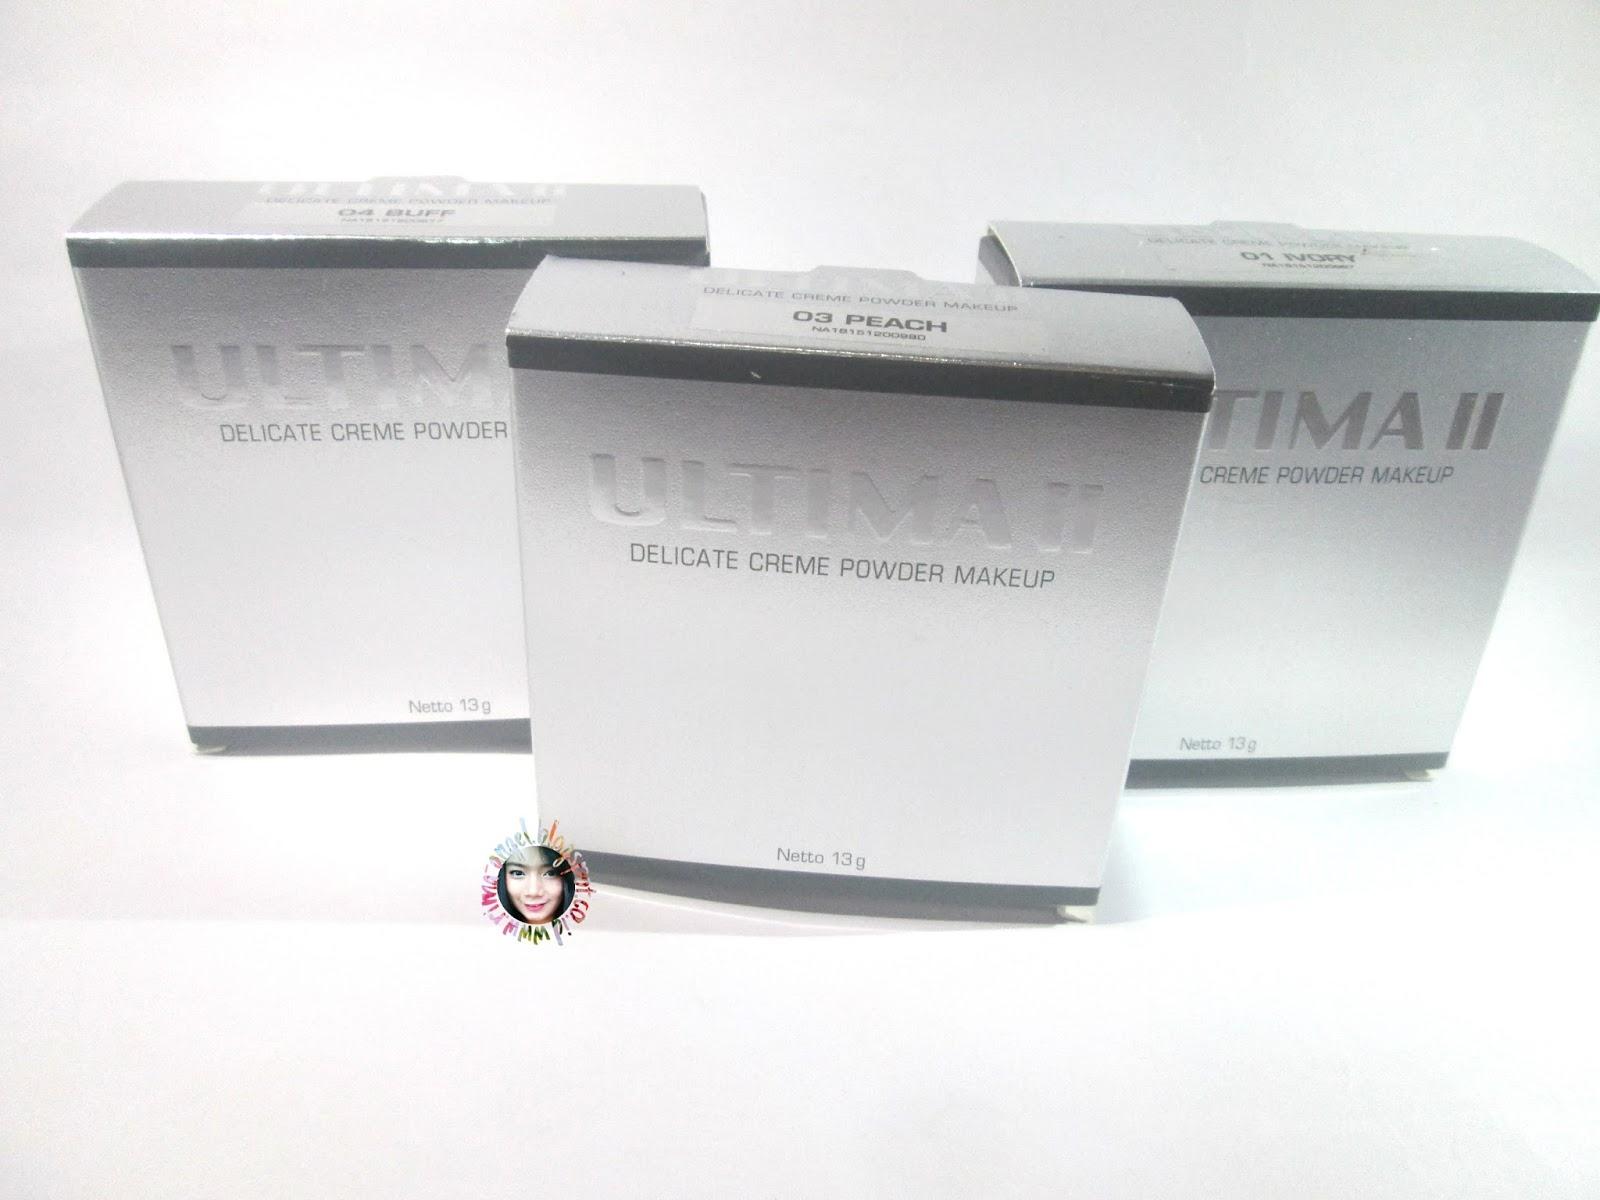 Web Versi Mobile Ultima Ii Bedak Tabur Ukuran Besar Review Dynamic Duo Delicate Crme Powder Makeup Translucent Face